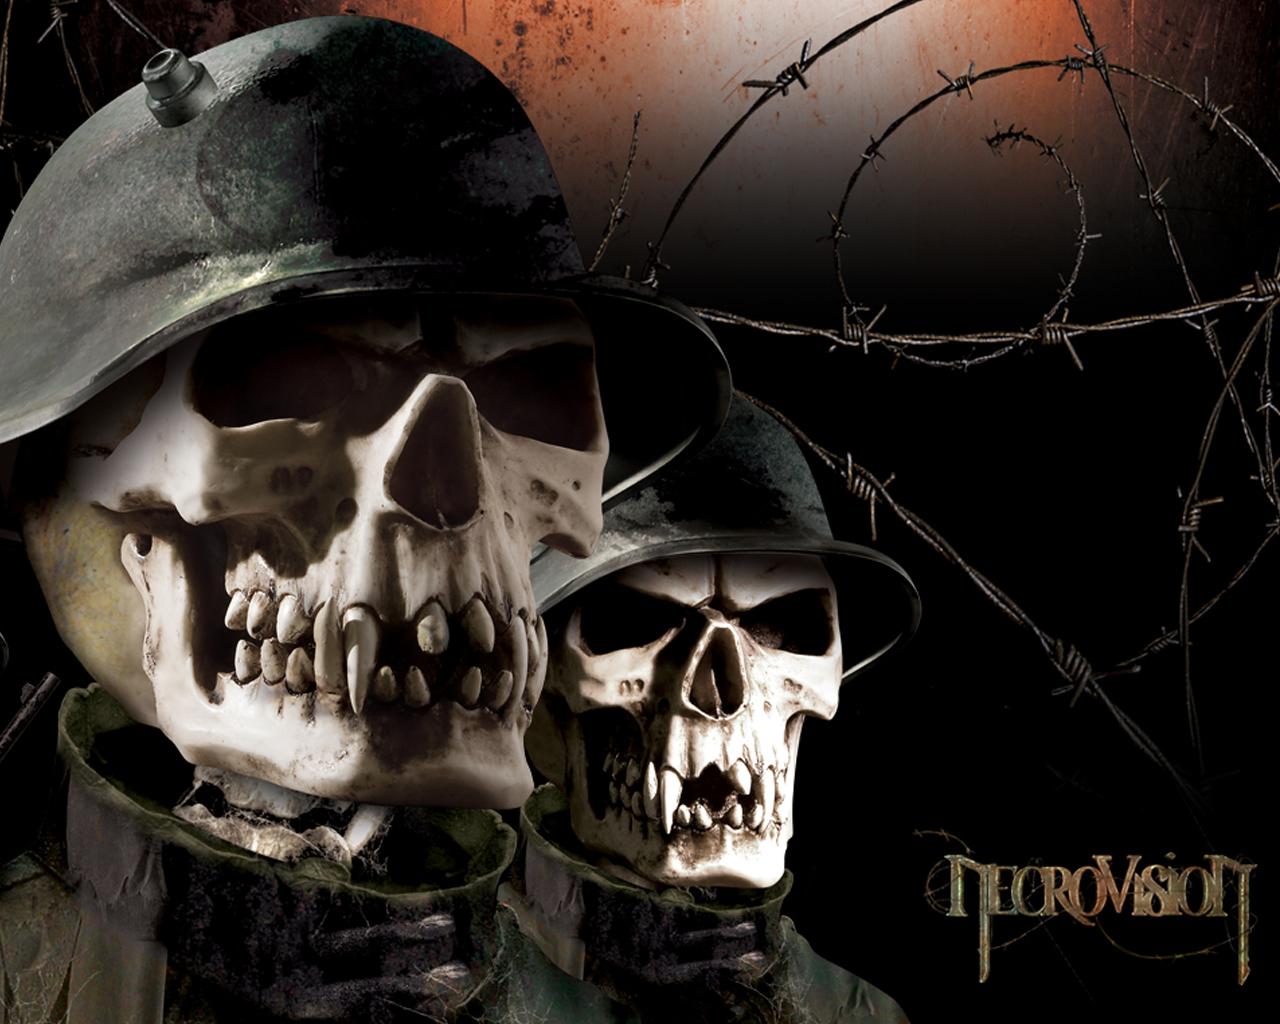 череп и колючая проволка, война, war wallpaper, soldier, обои для рабочего стола